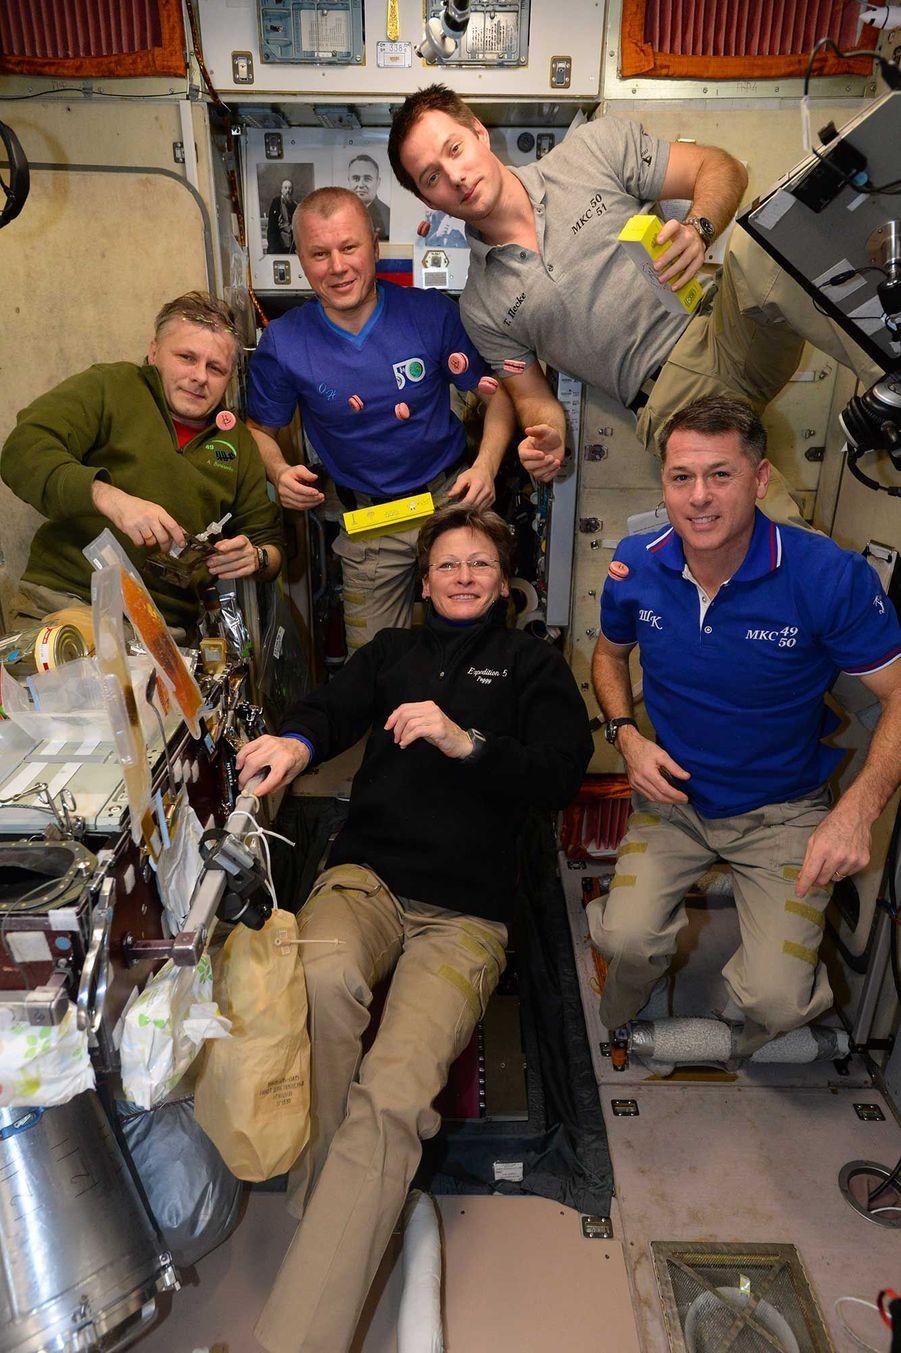 Les astronautes réunis pour fêter l'anniversaire de Thomas Pesquet.